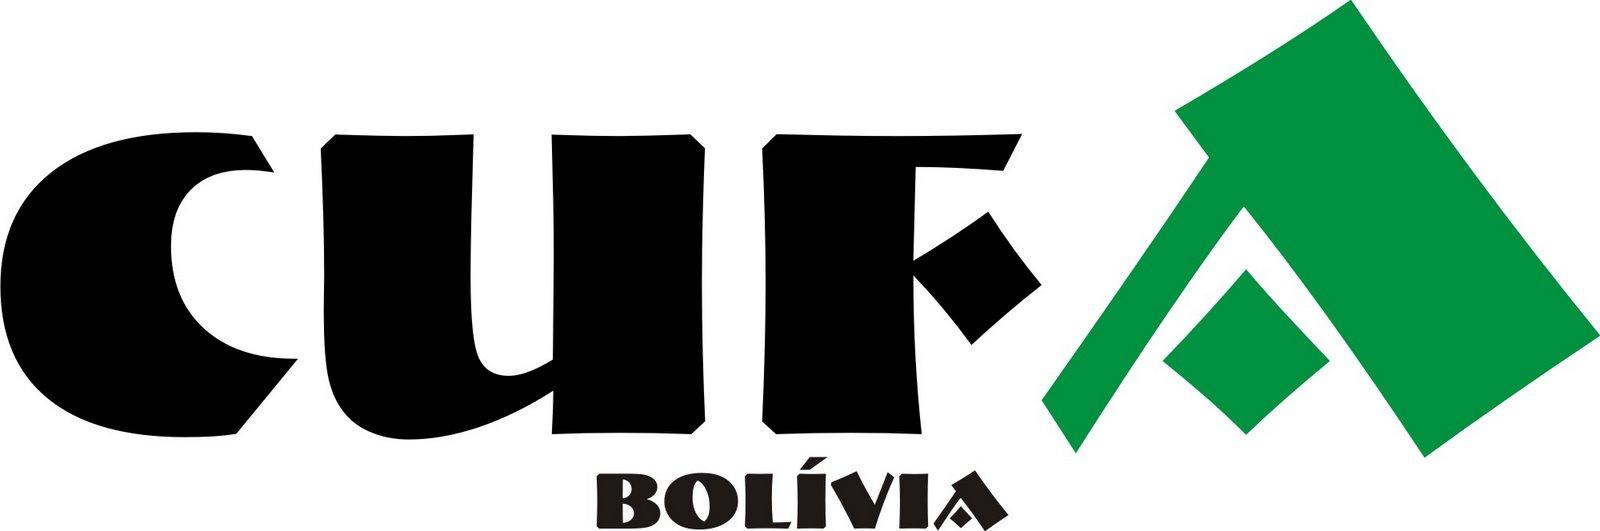 CUFA BOLIVIA